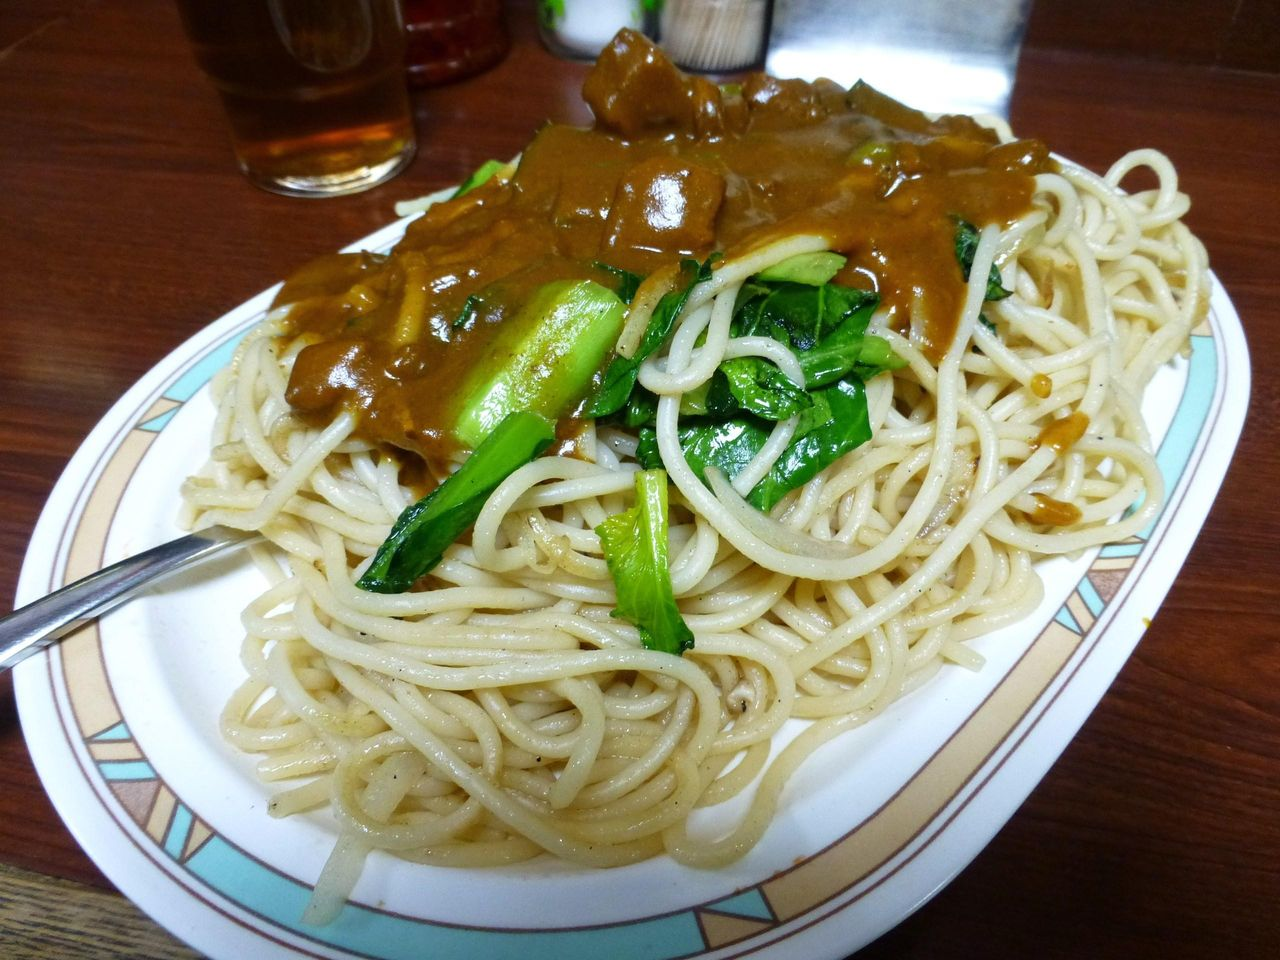 小松菜がタップリ入って、サッパリ感を演出!